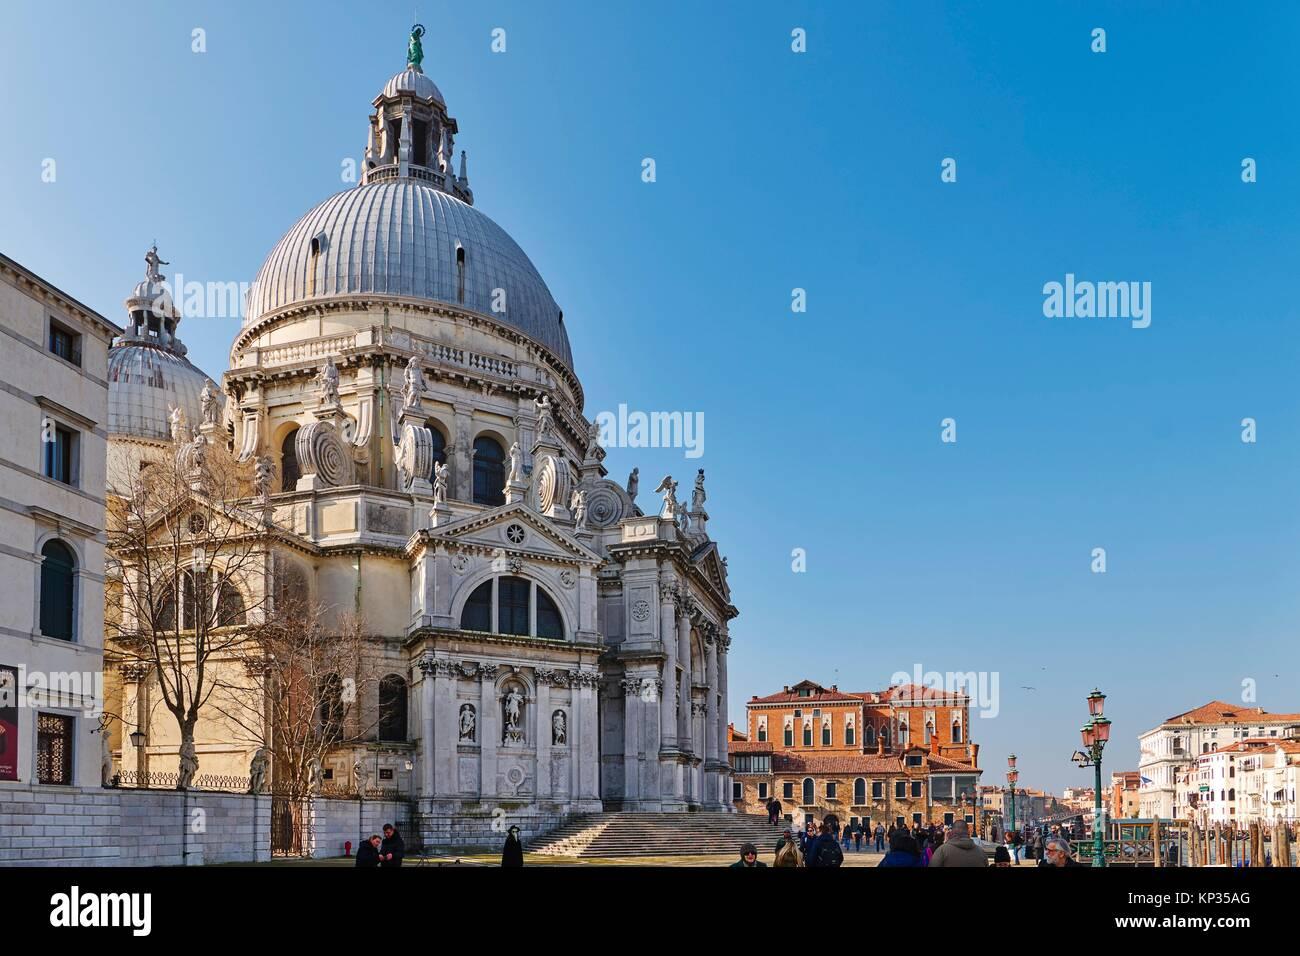 Santa Maria della Salute Church in Venice, Italy - Stock Image